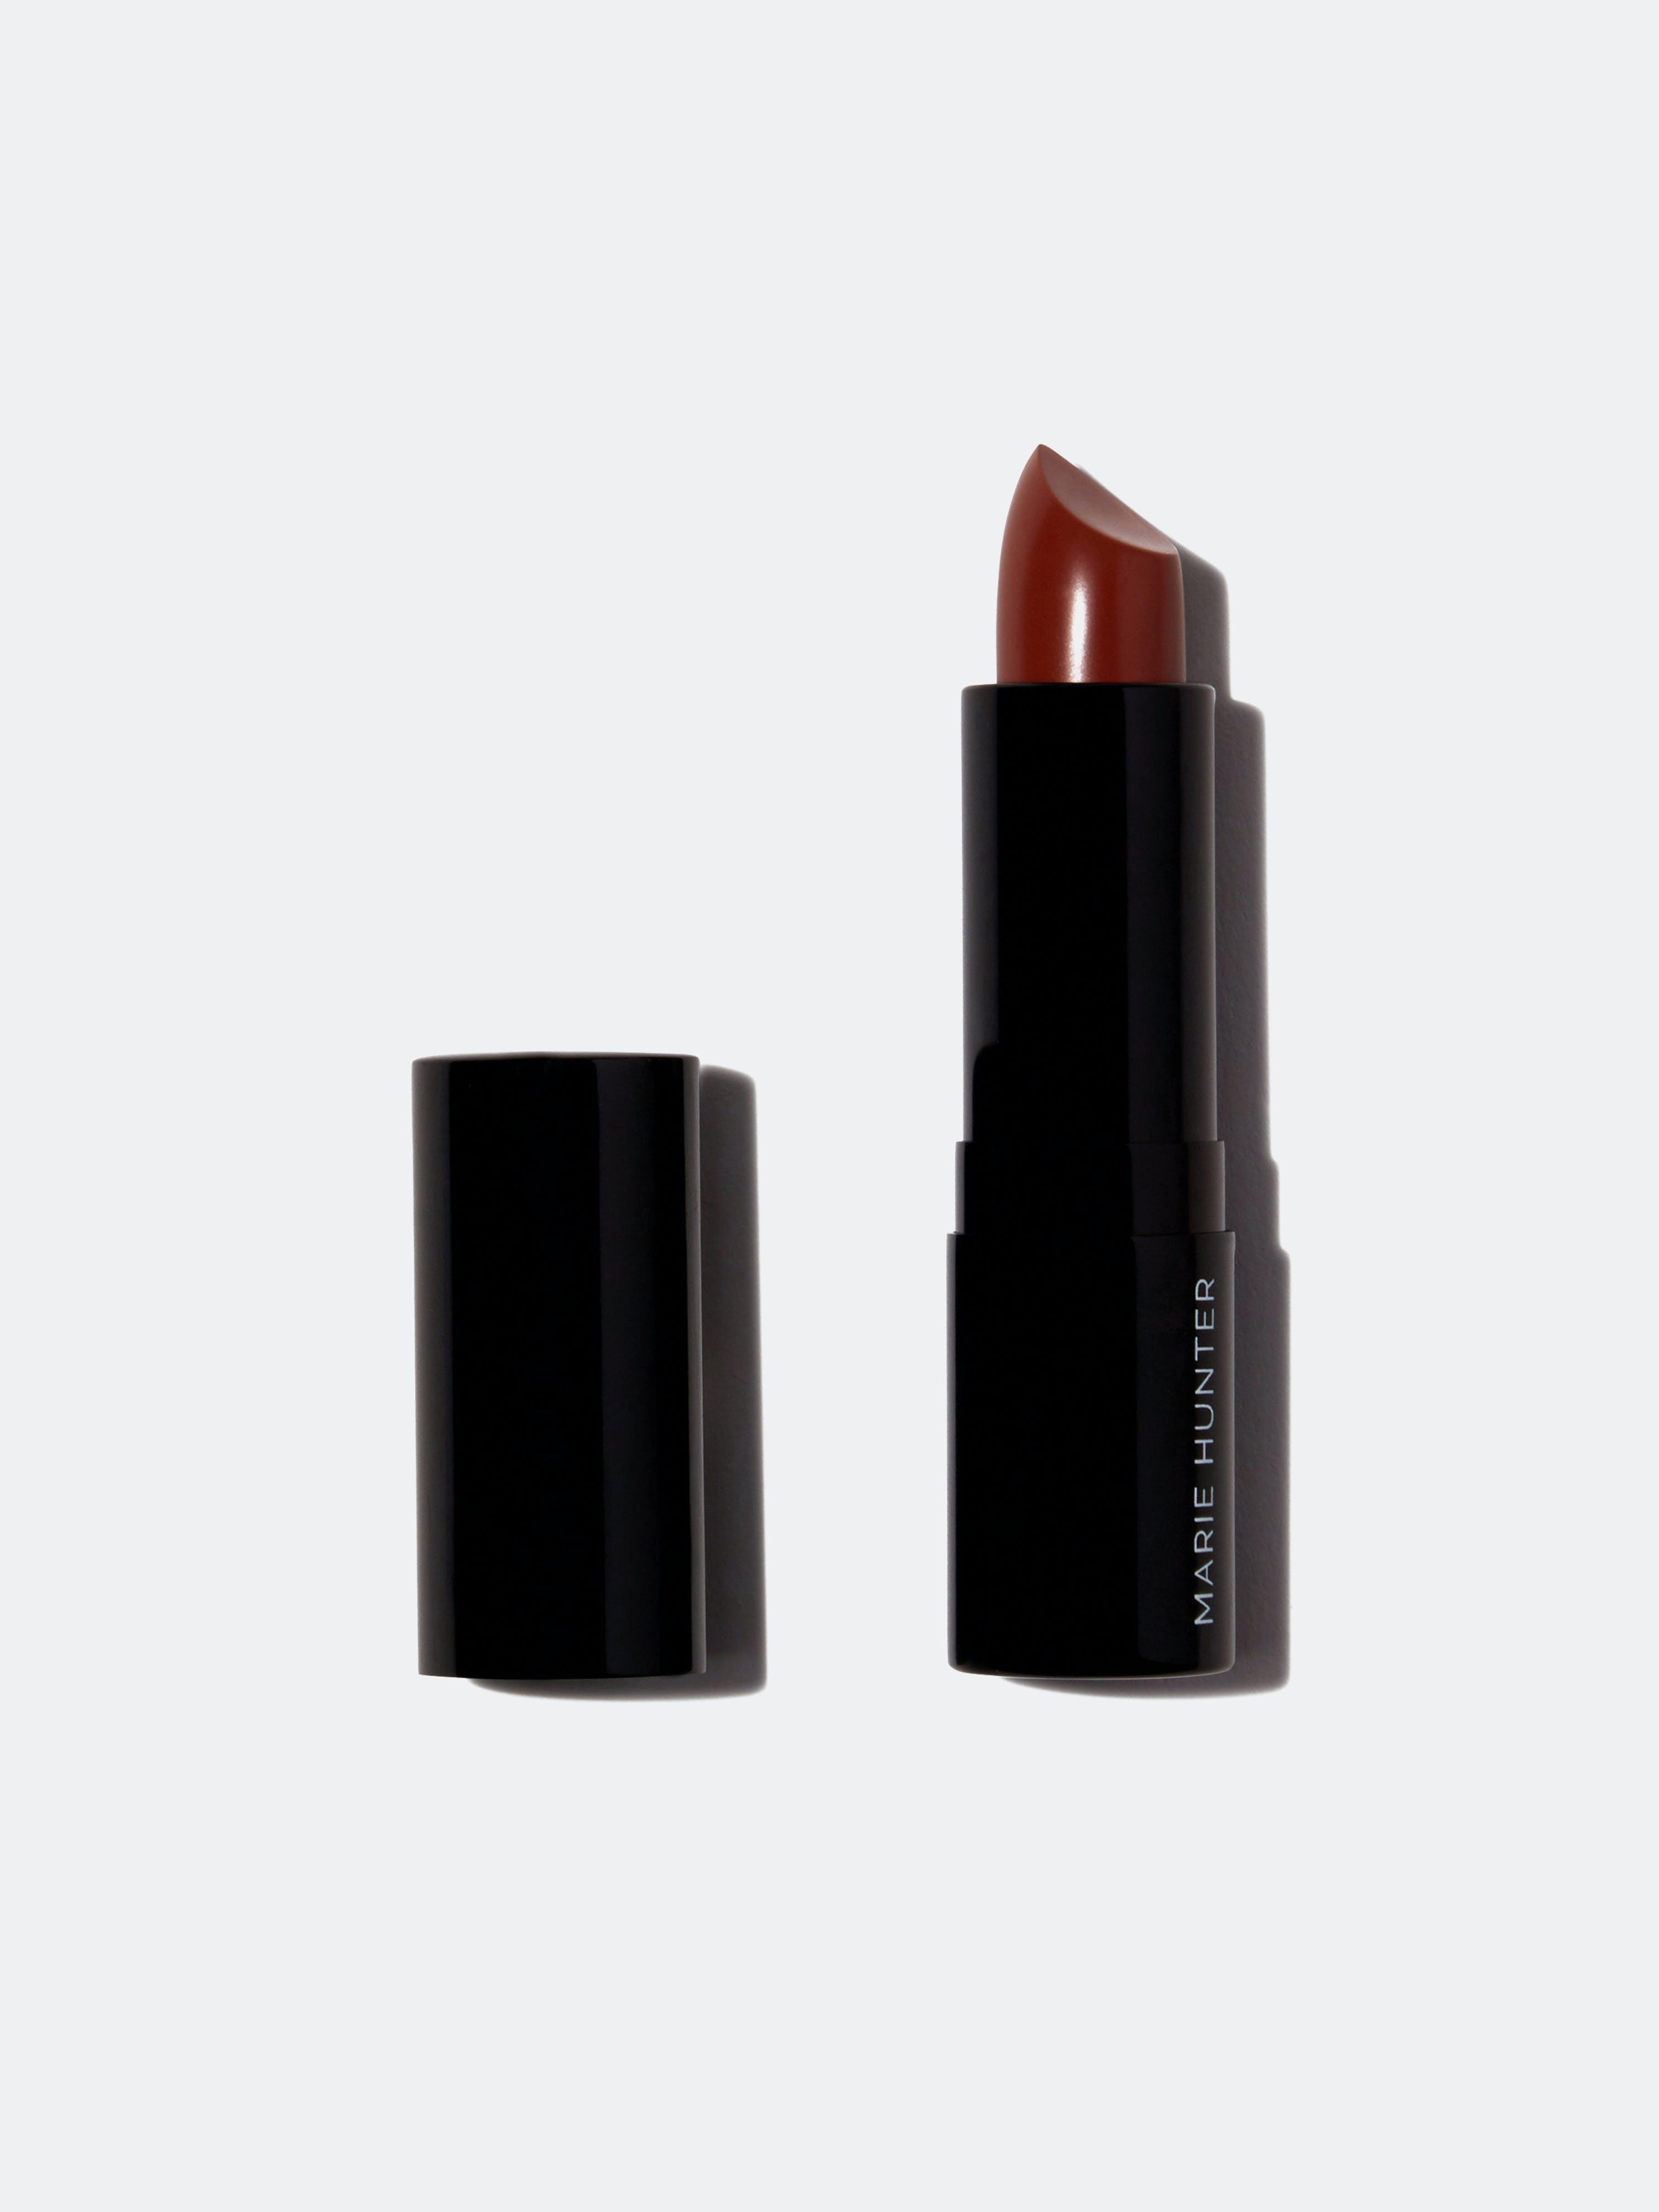 Marie Hunter Beauty Luxury Matte Lipstick In Antoinette